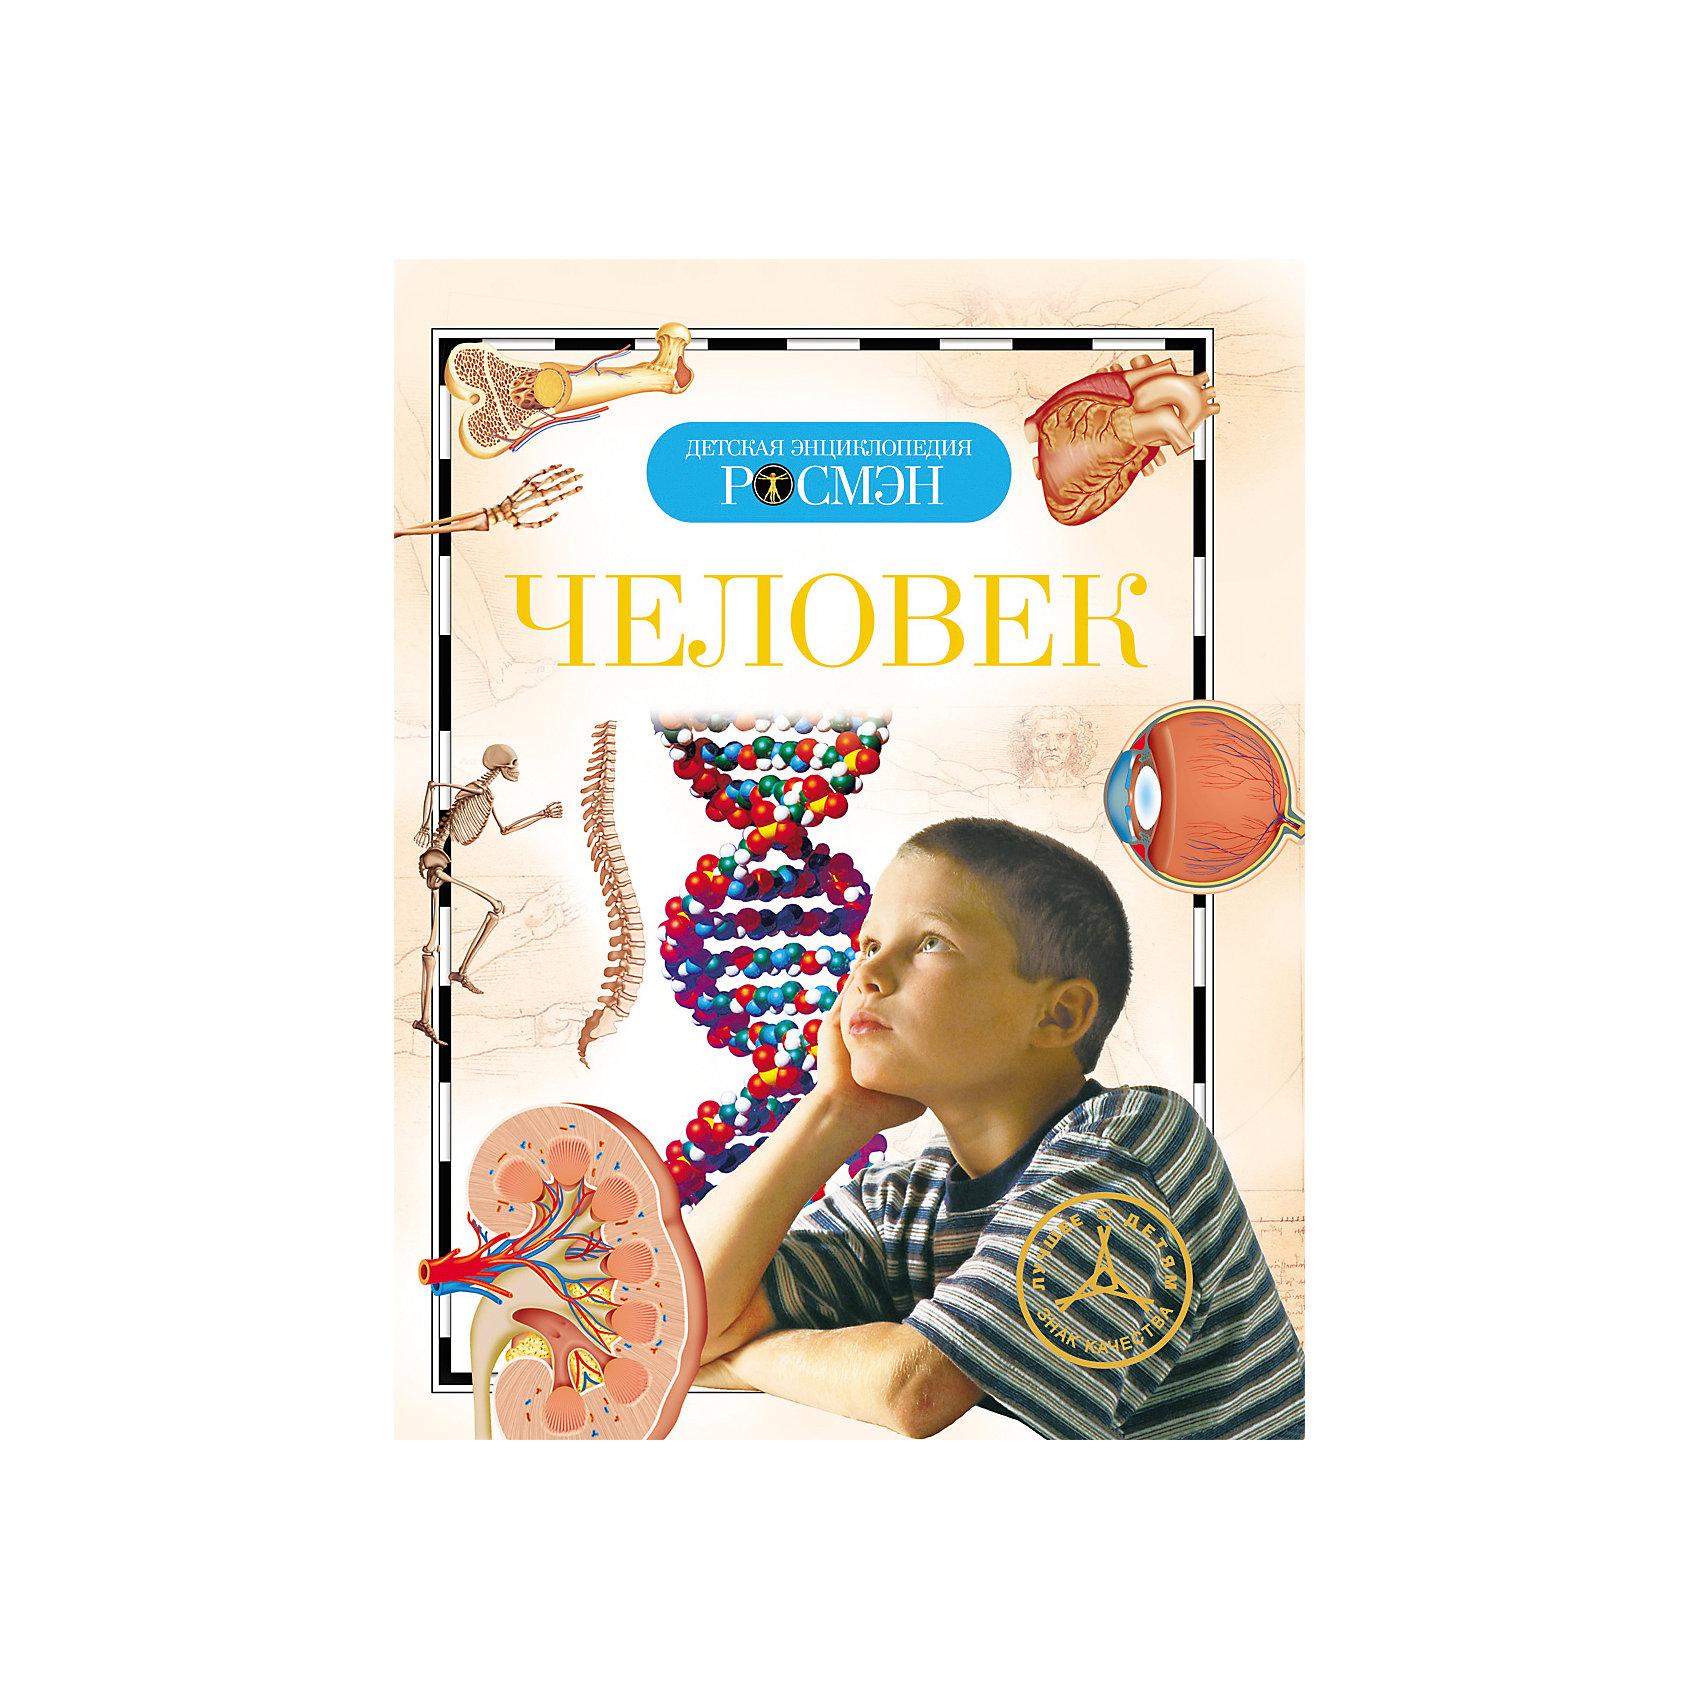 ЧеловекЭнциклопедии Тело человека<br>Human (Человек)<br><br>Характеристики:<br><br>• Серия: детская энциклопедия РОСМЭН<br>• Формат: 220х170<br>• Переплет: твердый переплет<br>• Количество страниц: 96<br>• Бумага: целлофанированная или лакированная<br>• Цветные иллюстрации: да<br>• Вес в упаковке: 232 г<br><br>Книга серии Детская энциклопедия РОСМЭН знакомит со строением человеческого тела. В ней содержится необходимая информация об устройстве и работе важнейших внутренних органов, нервной системы и органов чувств; об изменениях, происходящих в нашем организме на протяжении жизни, о факторах, влияющих на здоровье.<br><br>Книгу «Человек» можно купить в нашем интернет-магазине.<br><br>Ширина мм: 220<br>Глубина мм: 170<br>Высота мм: 10<br>Вес г: 232<br>Возраст от месяцев: 84<br>Возраст до месяцев: 108<br>Пол: Унисекс<br>Возраст: Детский<br>SKU: 5110155